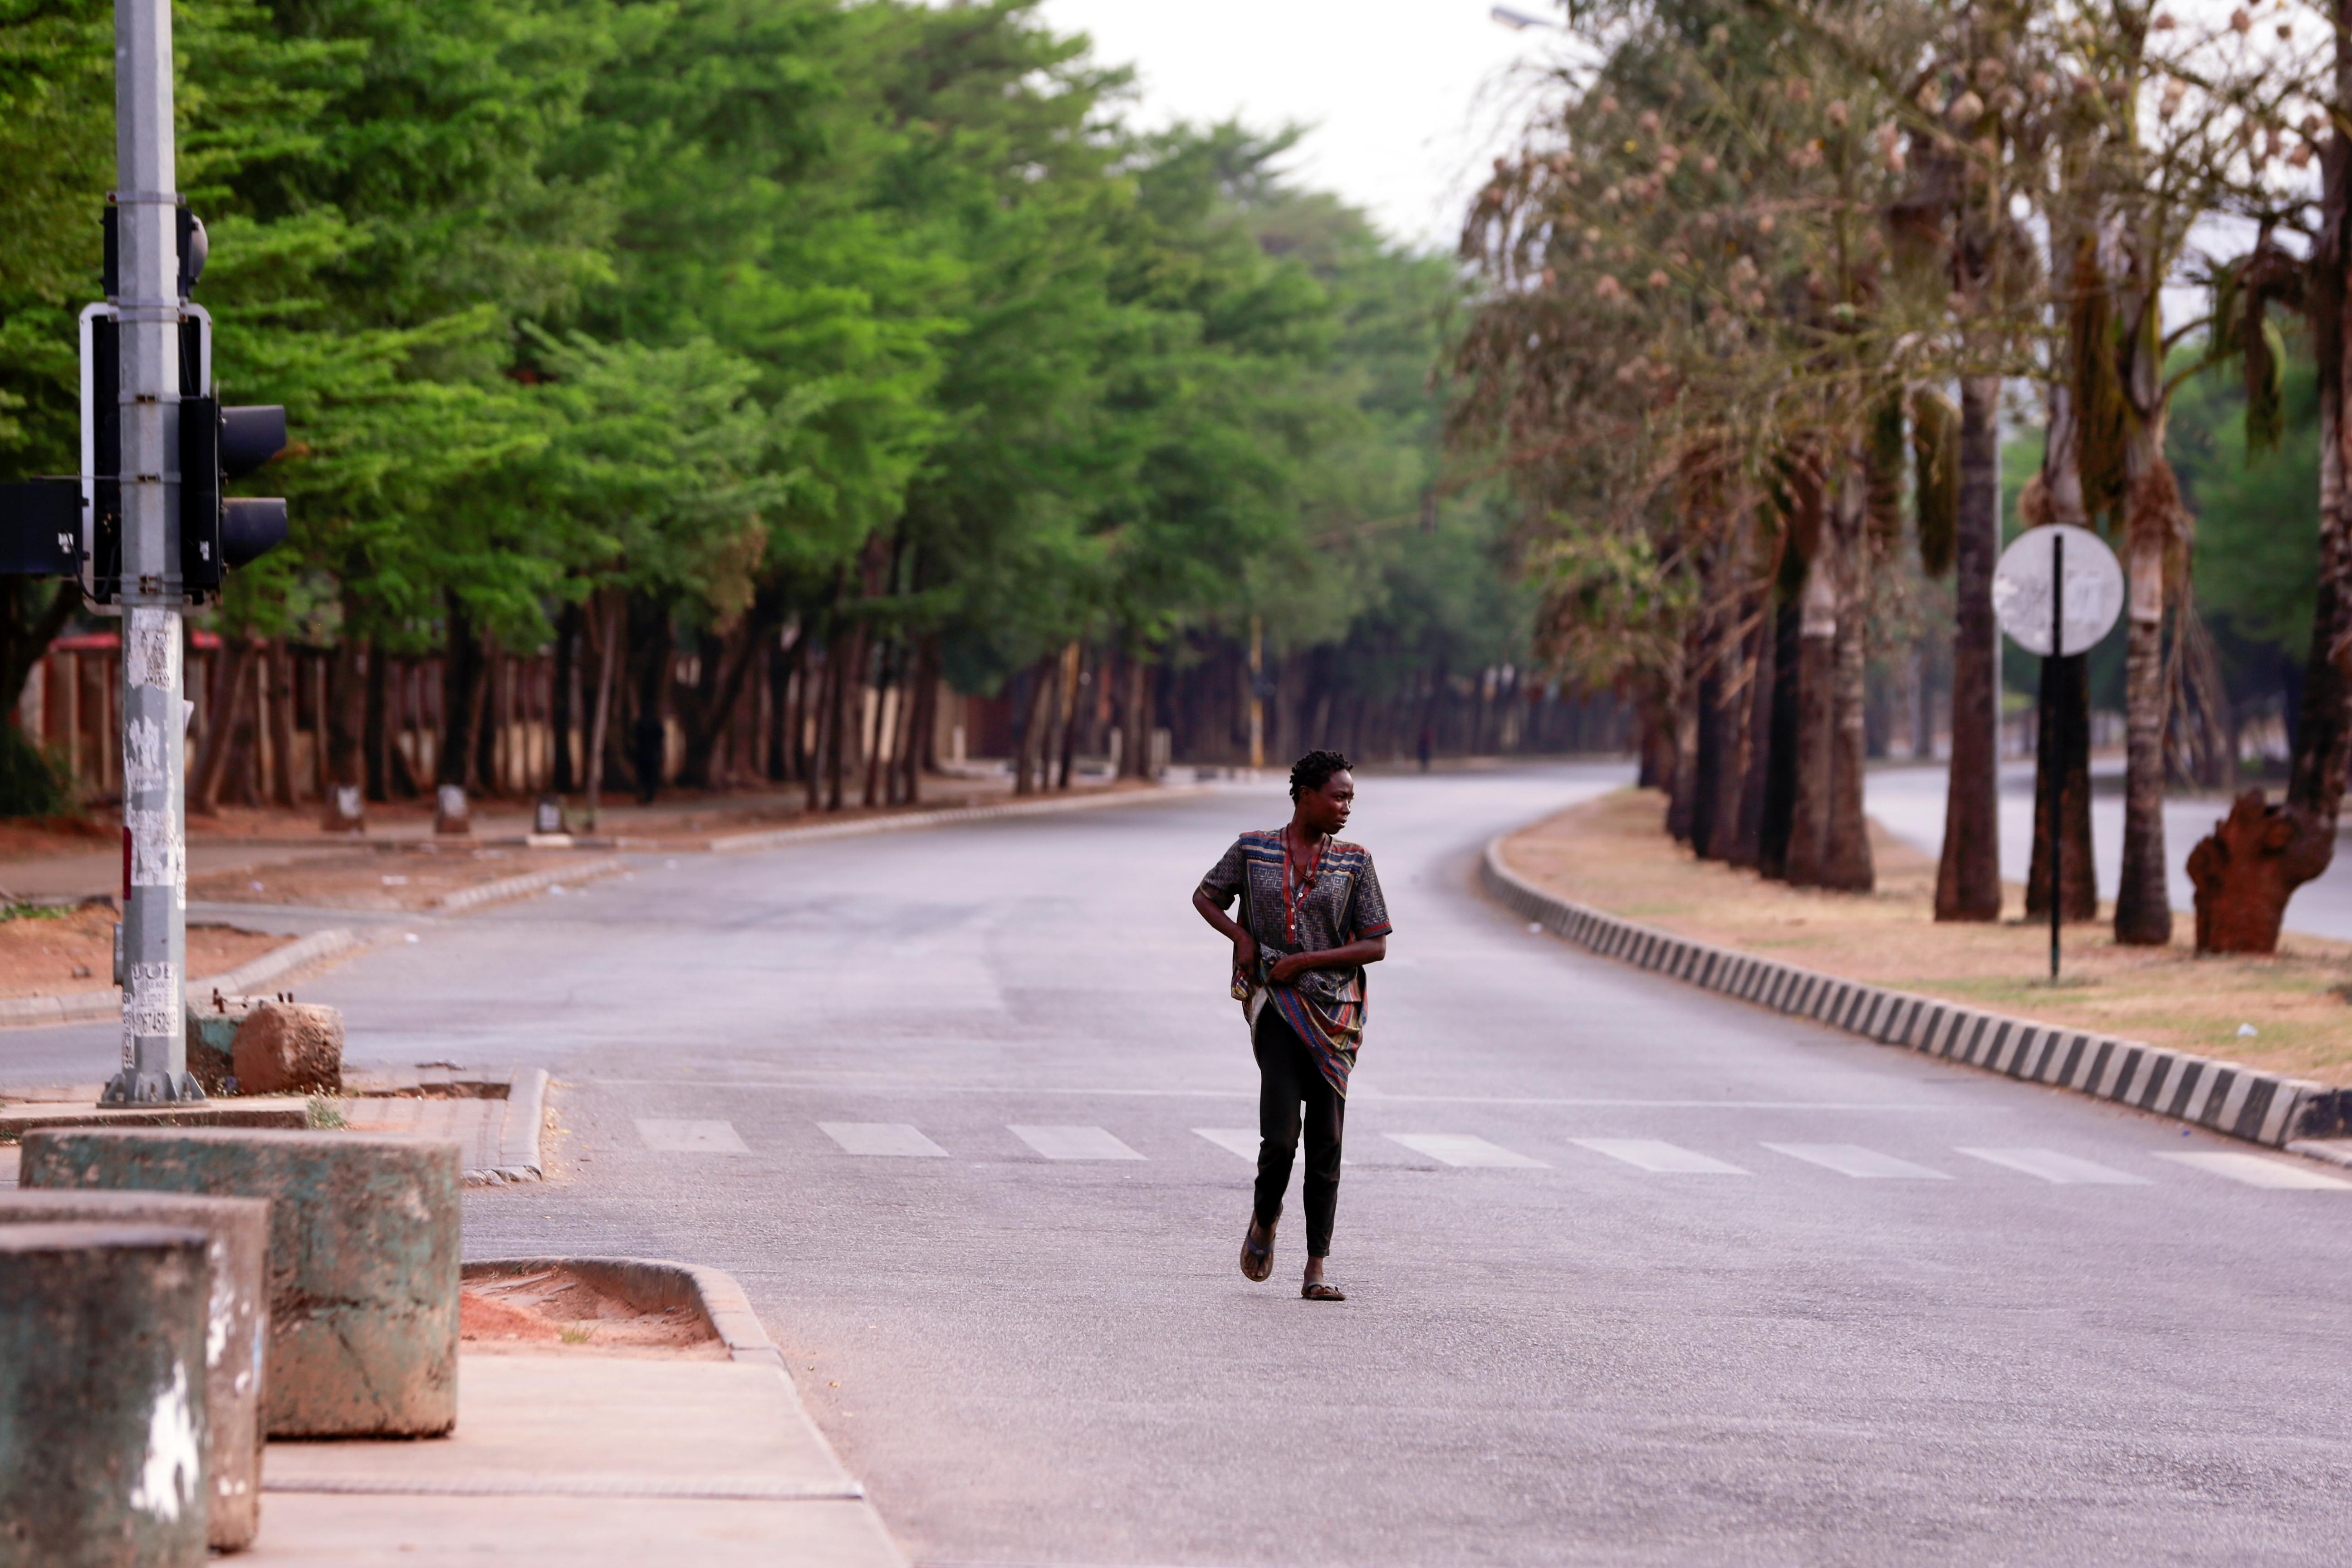 Un poblador camina por una calle desierta en Abuja, Nigeria (REUTERS/Afolabi Sotunde)